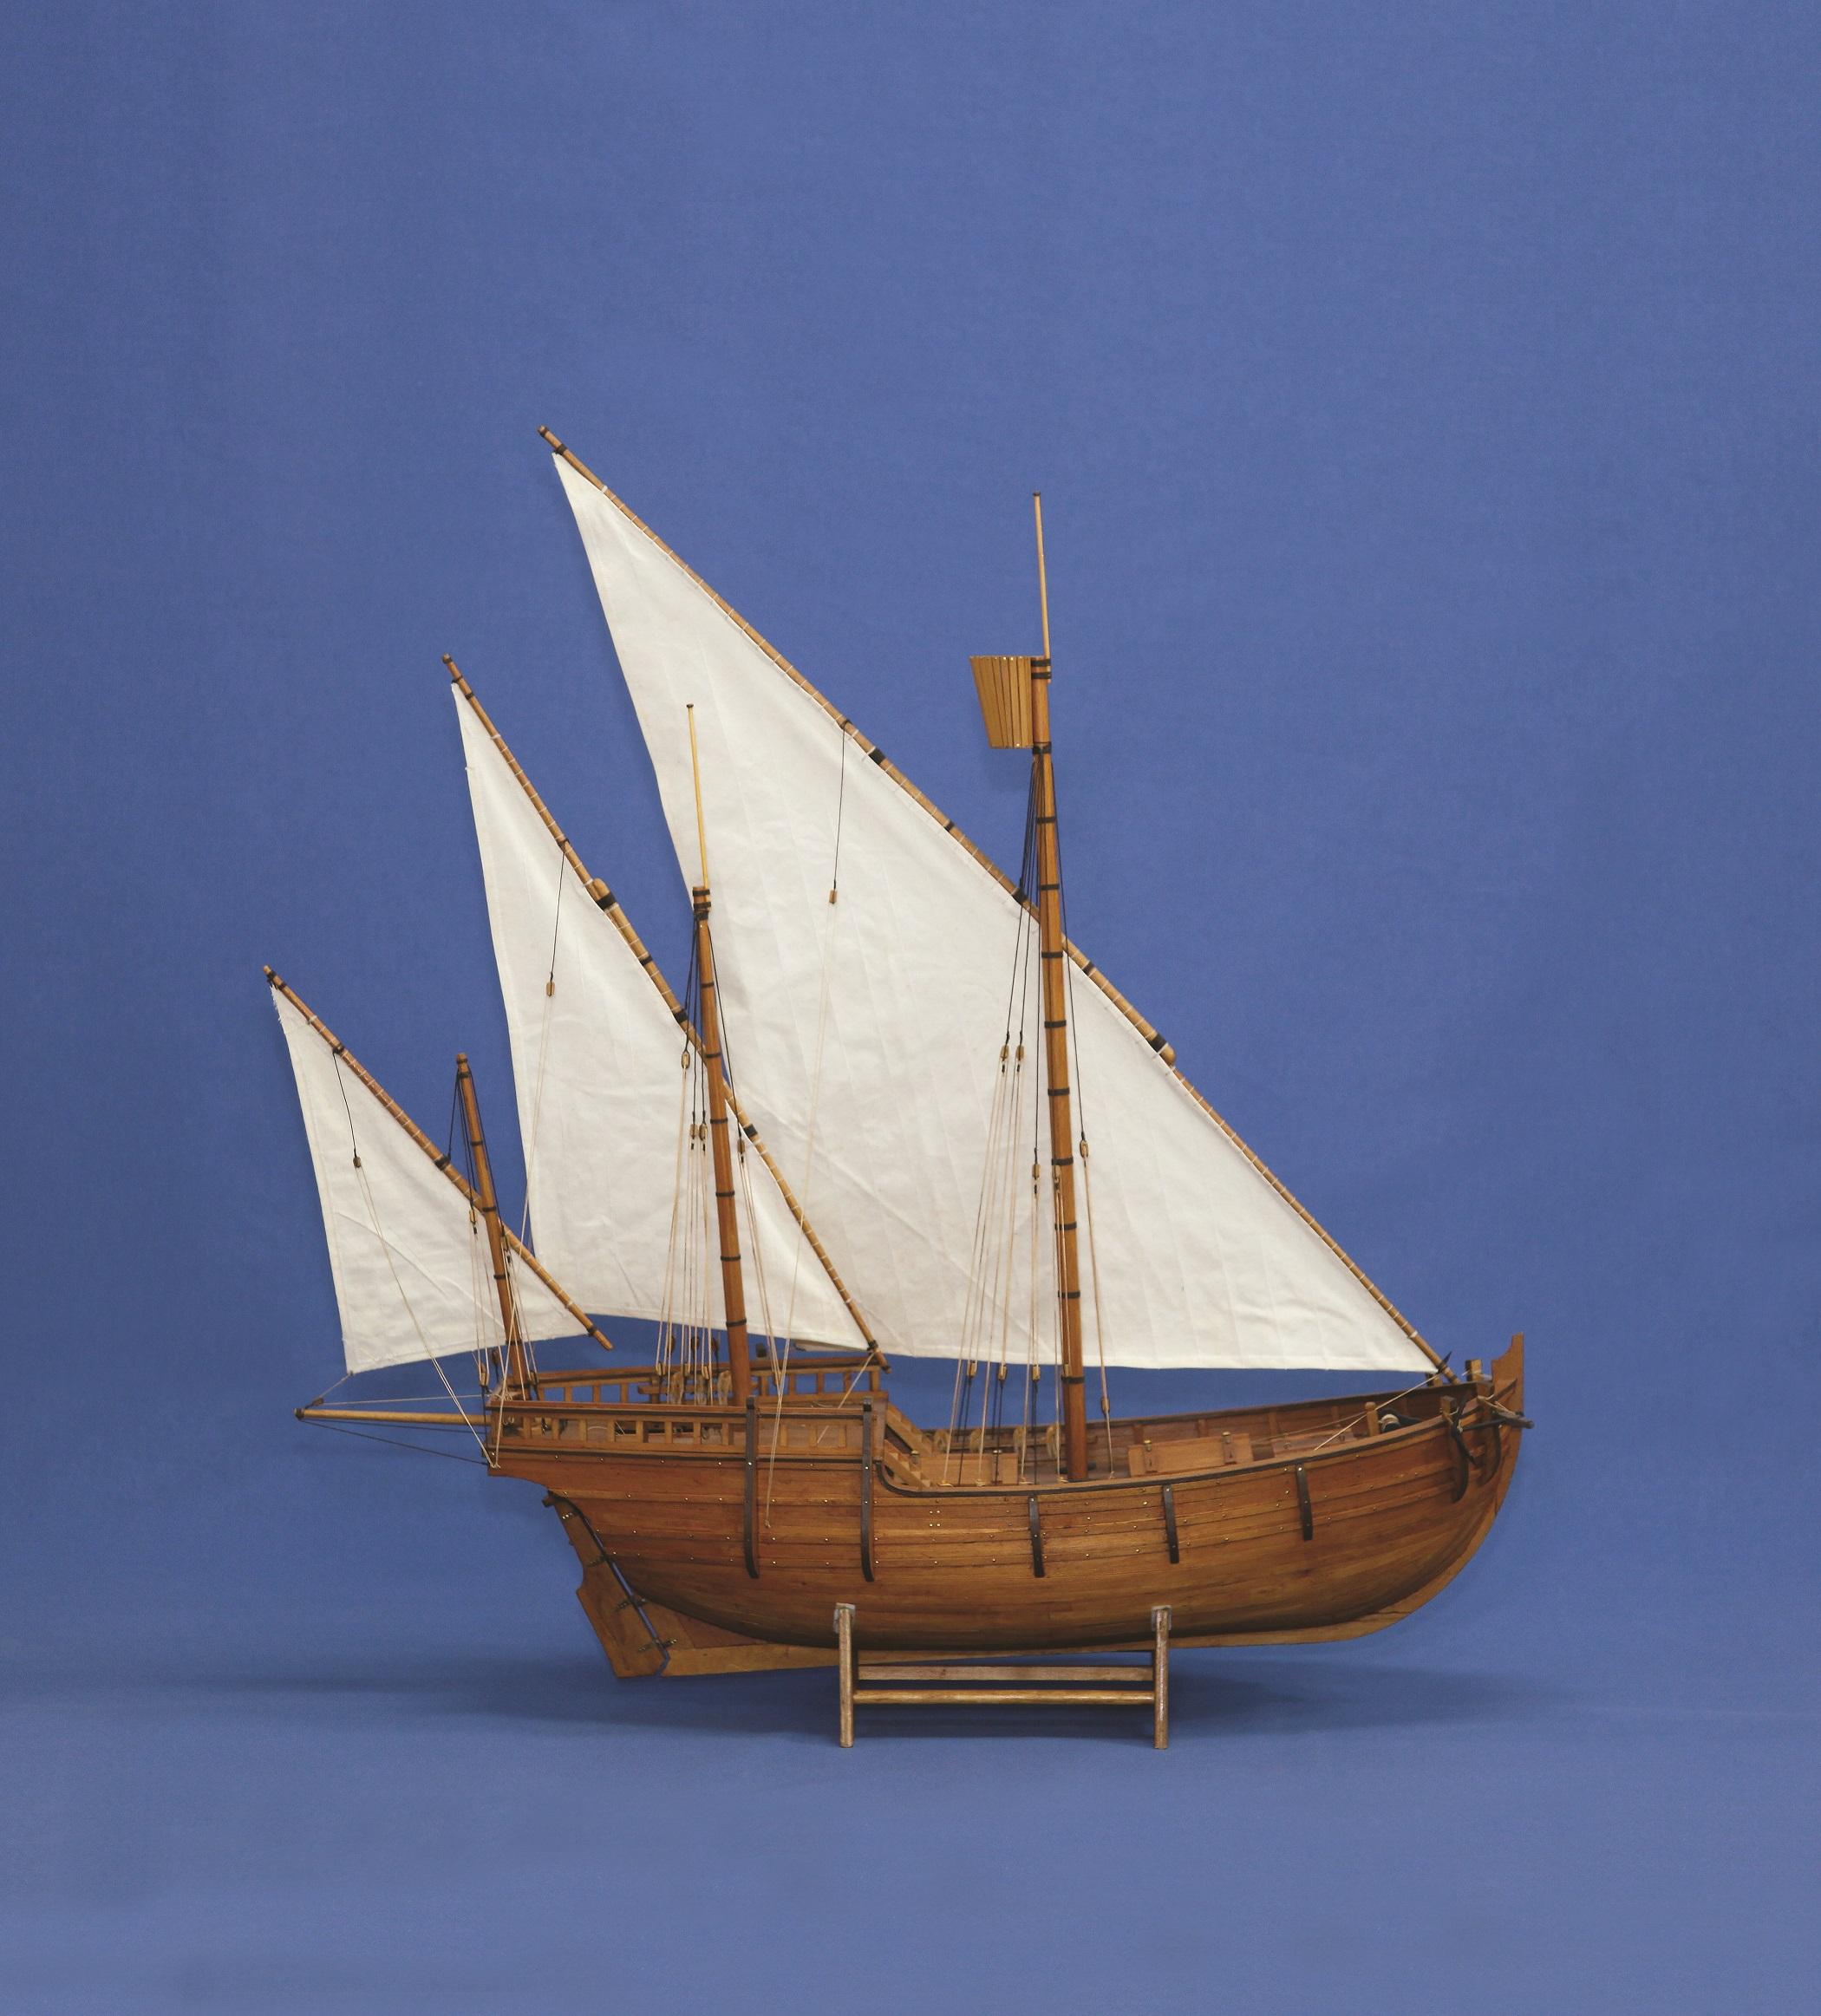 Κάραβος: Το κεντρικό μονό πρυμναίο πηδάλιο μαζί με τη νέα τεχνική ναυπήγησης «πρώτα ο σκελετός» έφερε επανάσταση στον σχεδιασμό των πλοίων. Το μοντέλο αναπαριστά βυζαντινό εμπορικό πλοίο με μονό πηδάλιο